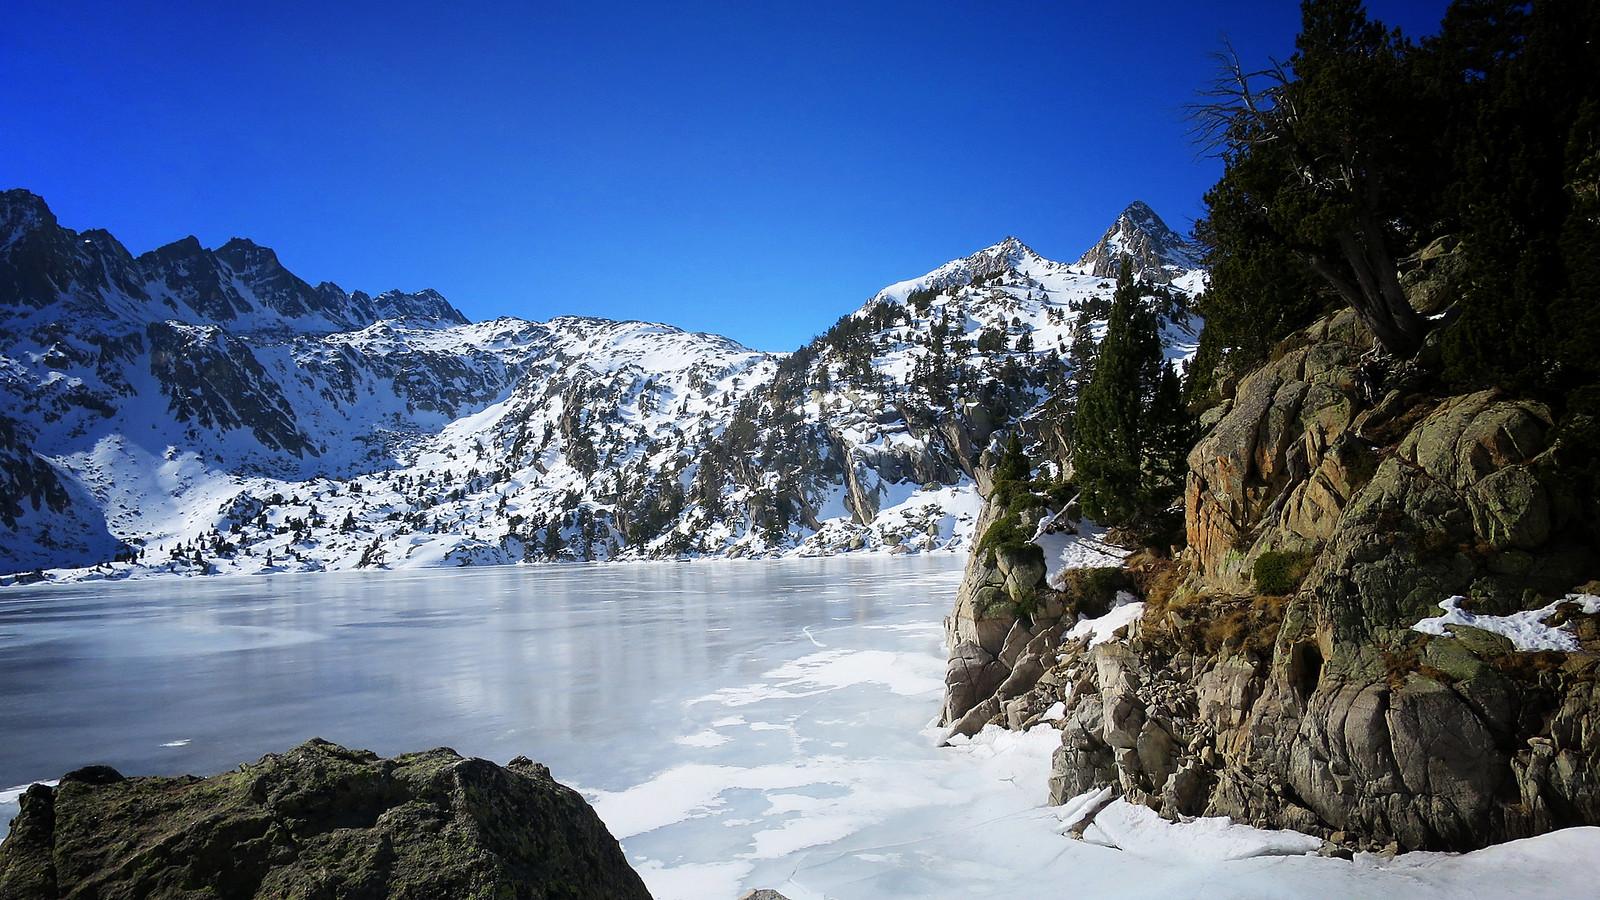 Aigüestortes: Espot - Vall de Peguera - Estany dels Lladres - Refugi Josep Maria Blanc - Estany Negre